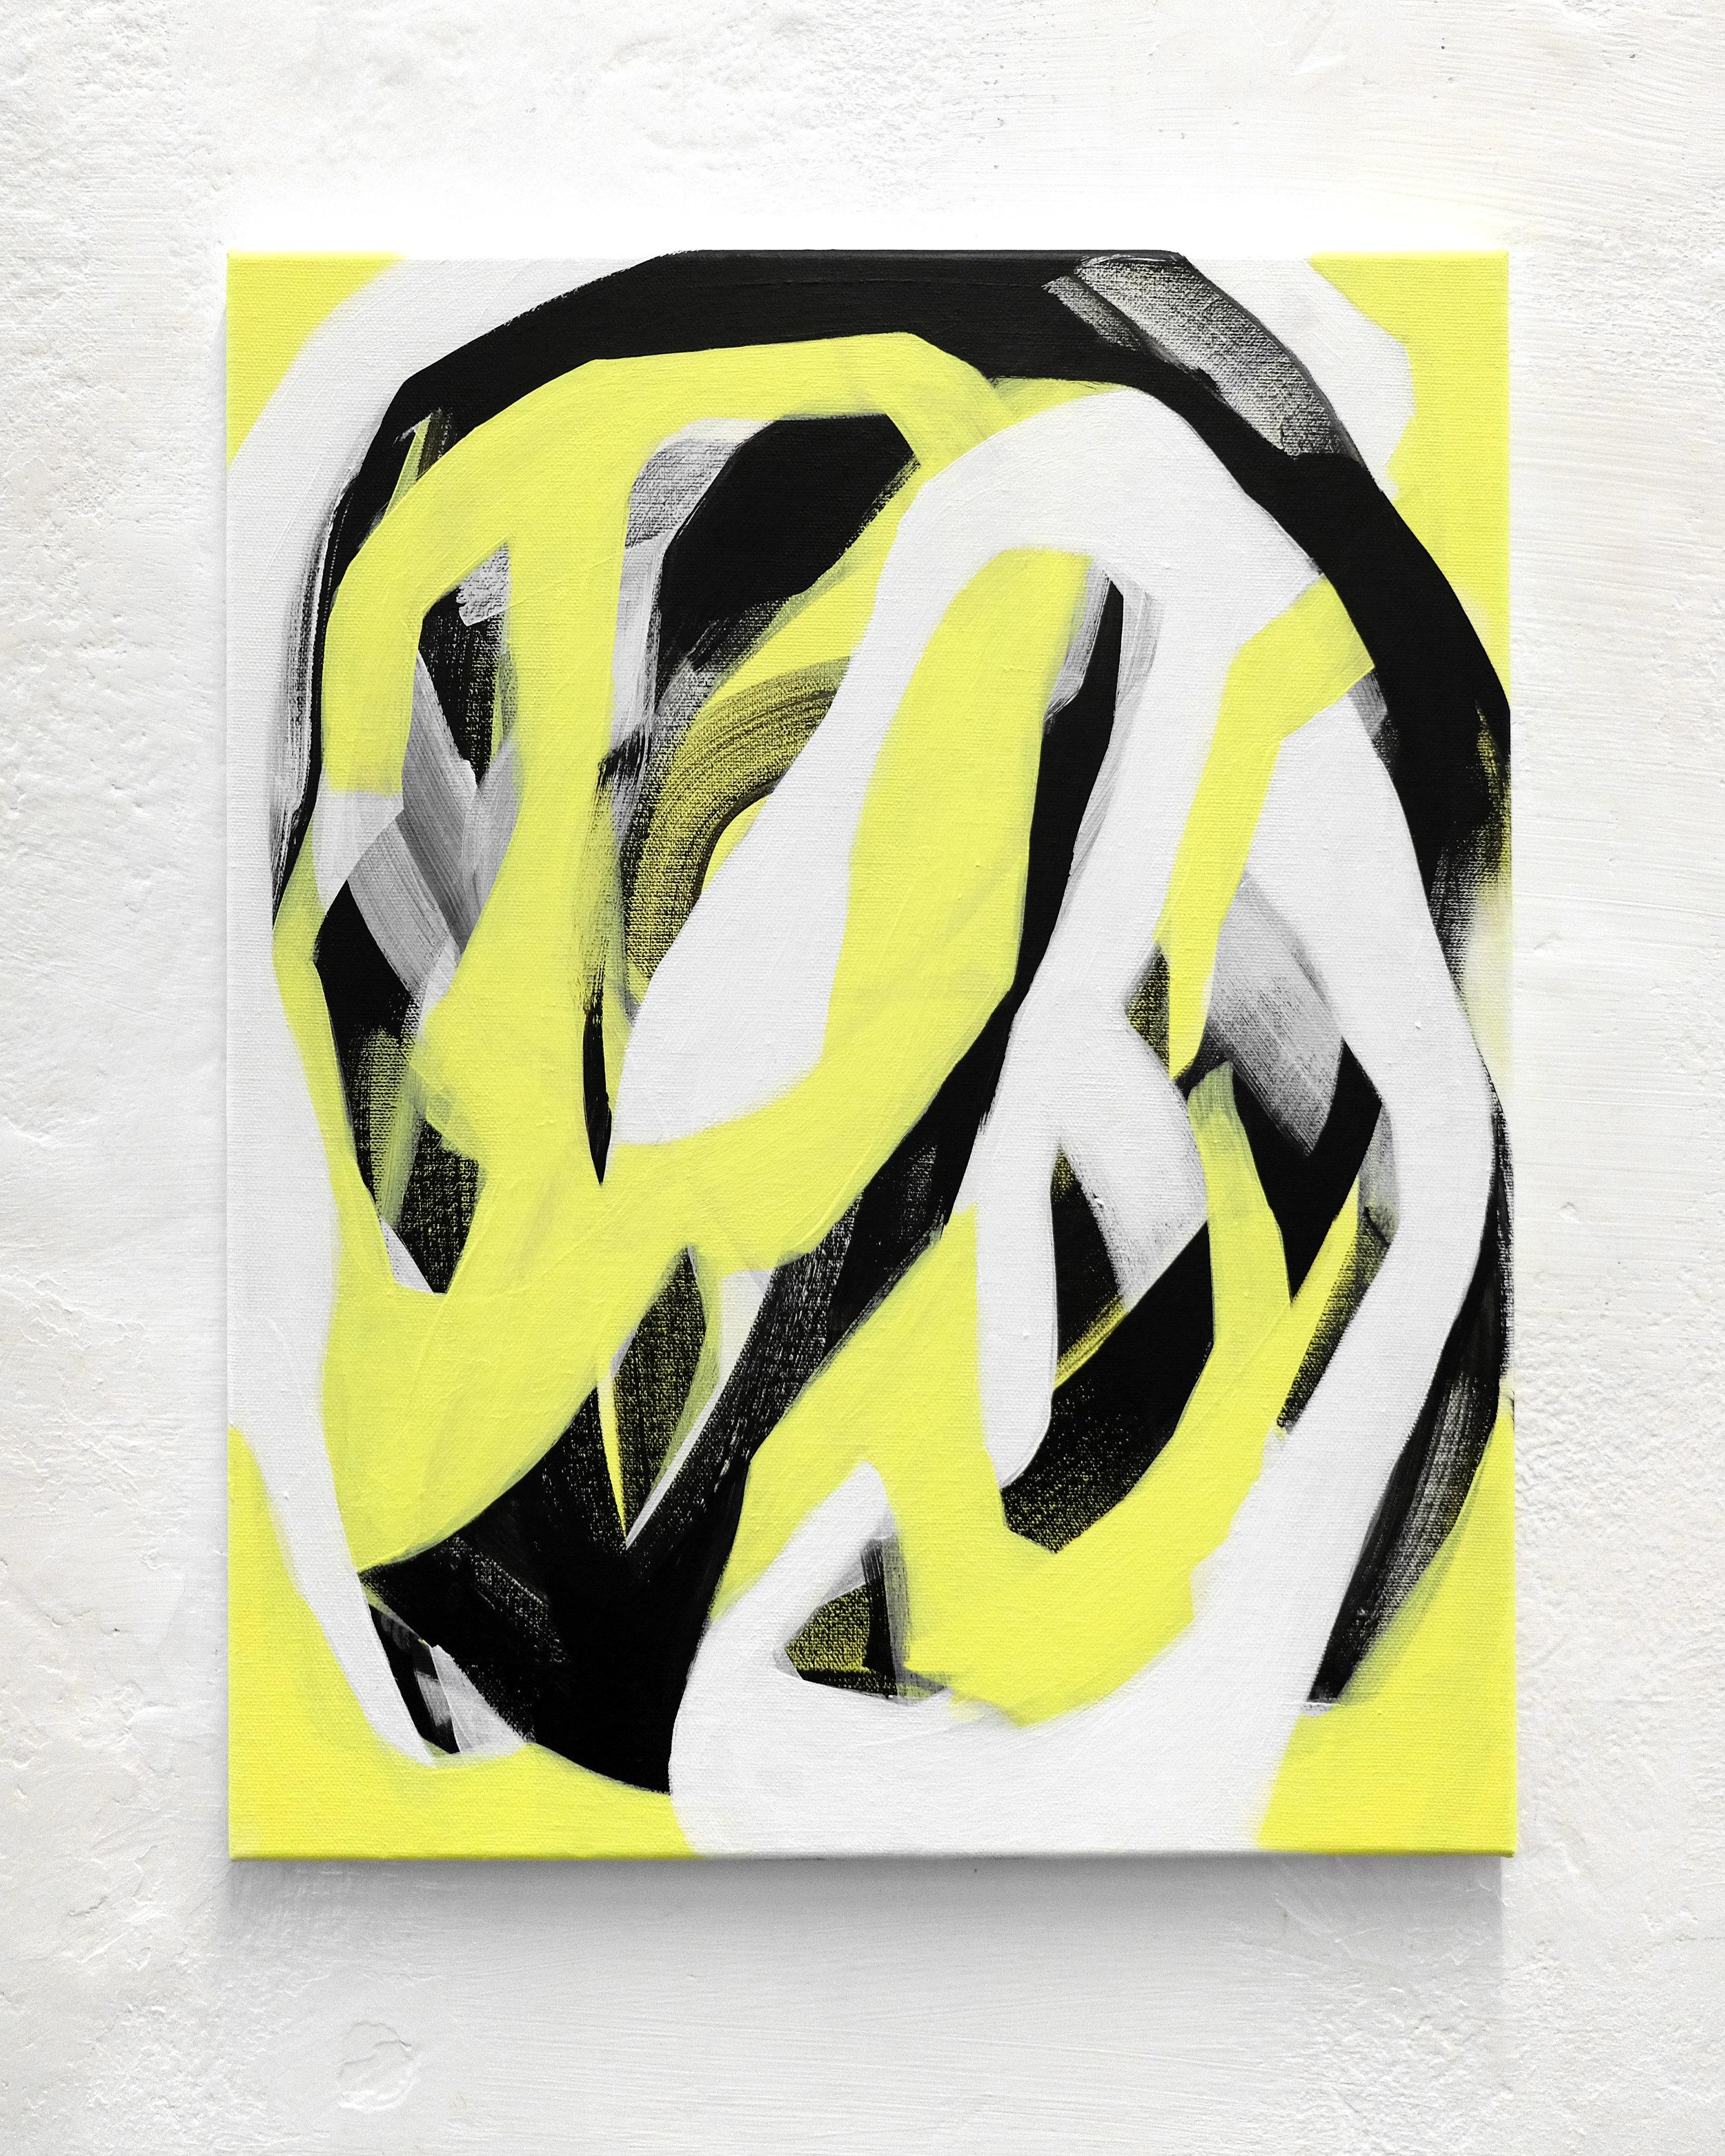 Moon Bliss, acrylic on canvas, 50x40cm